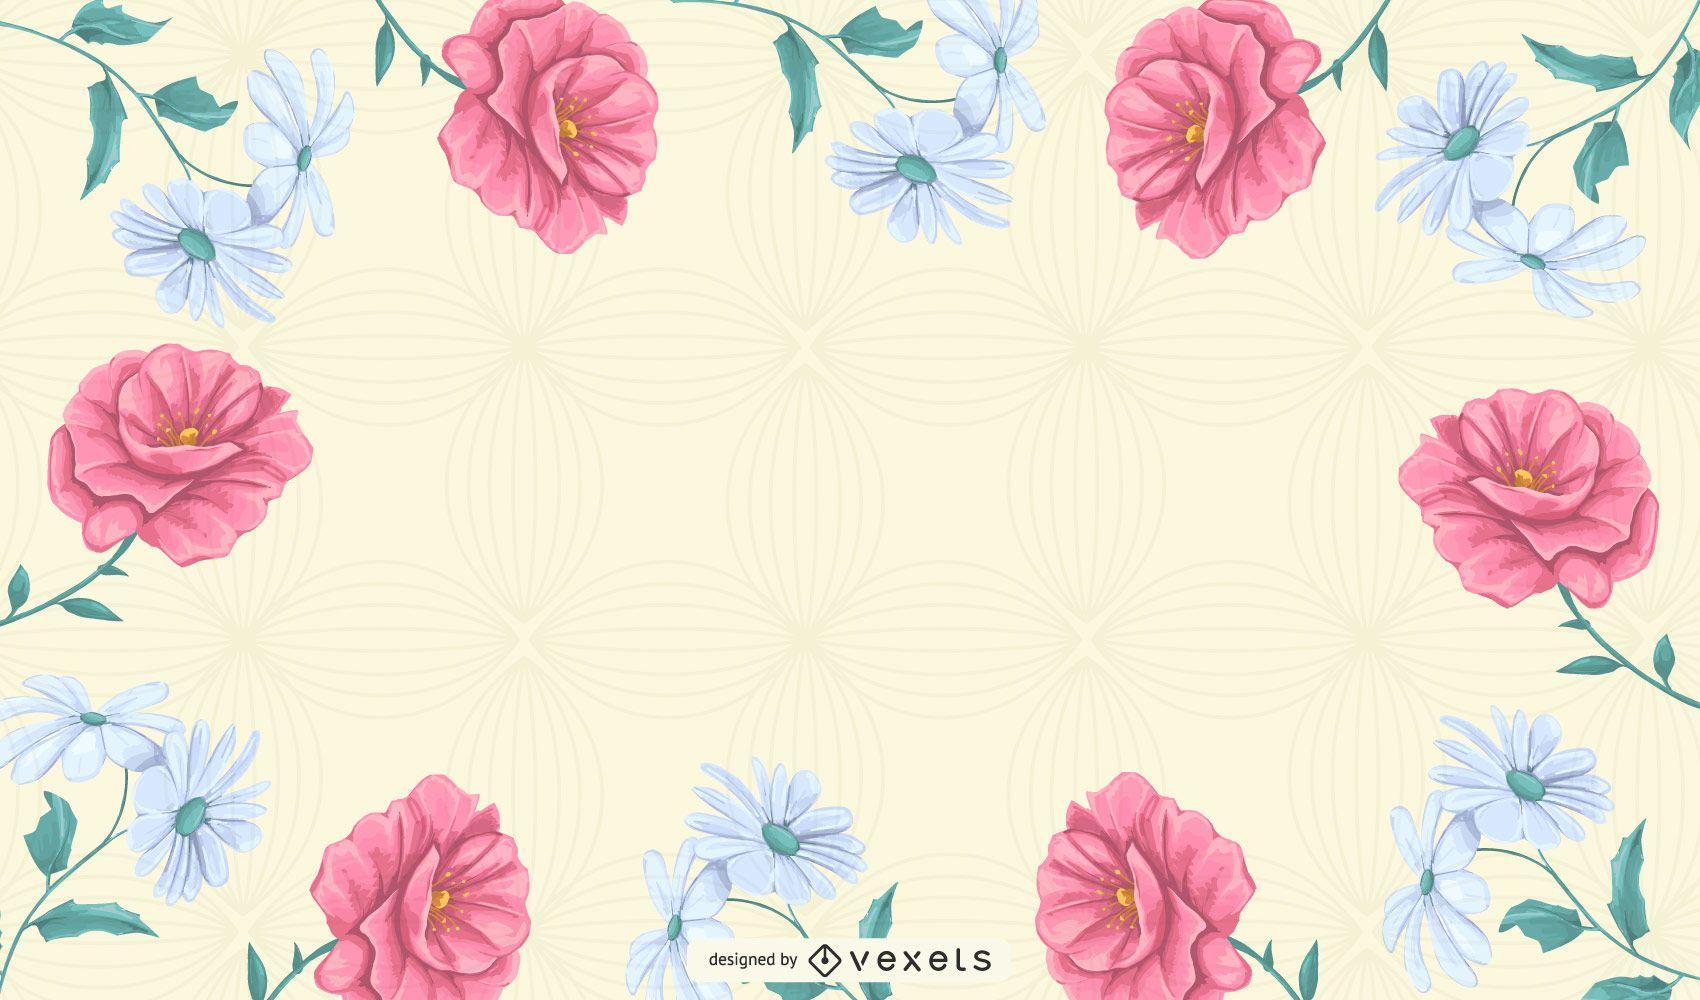 vetor de fundo padrão floral abstrato